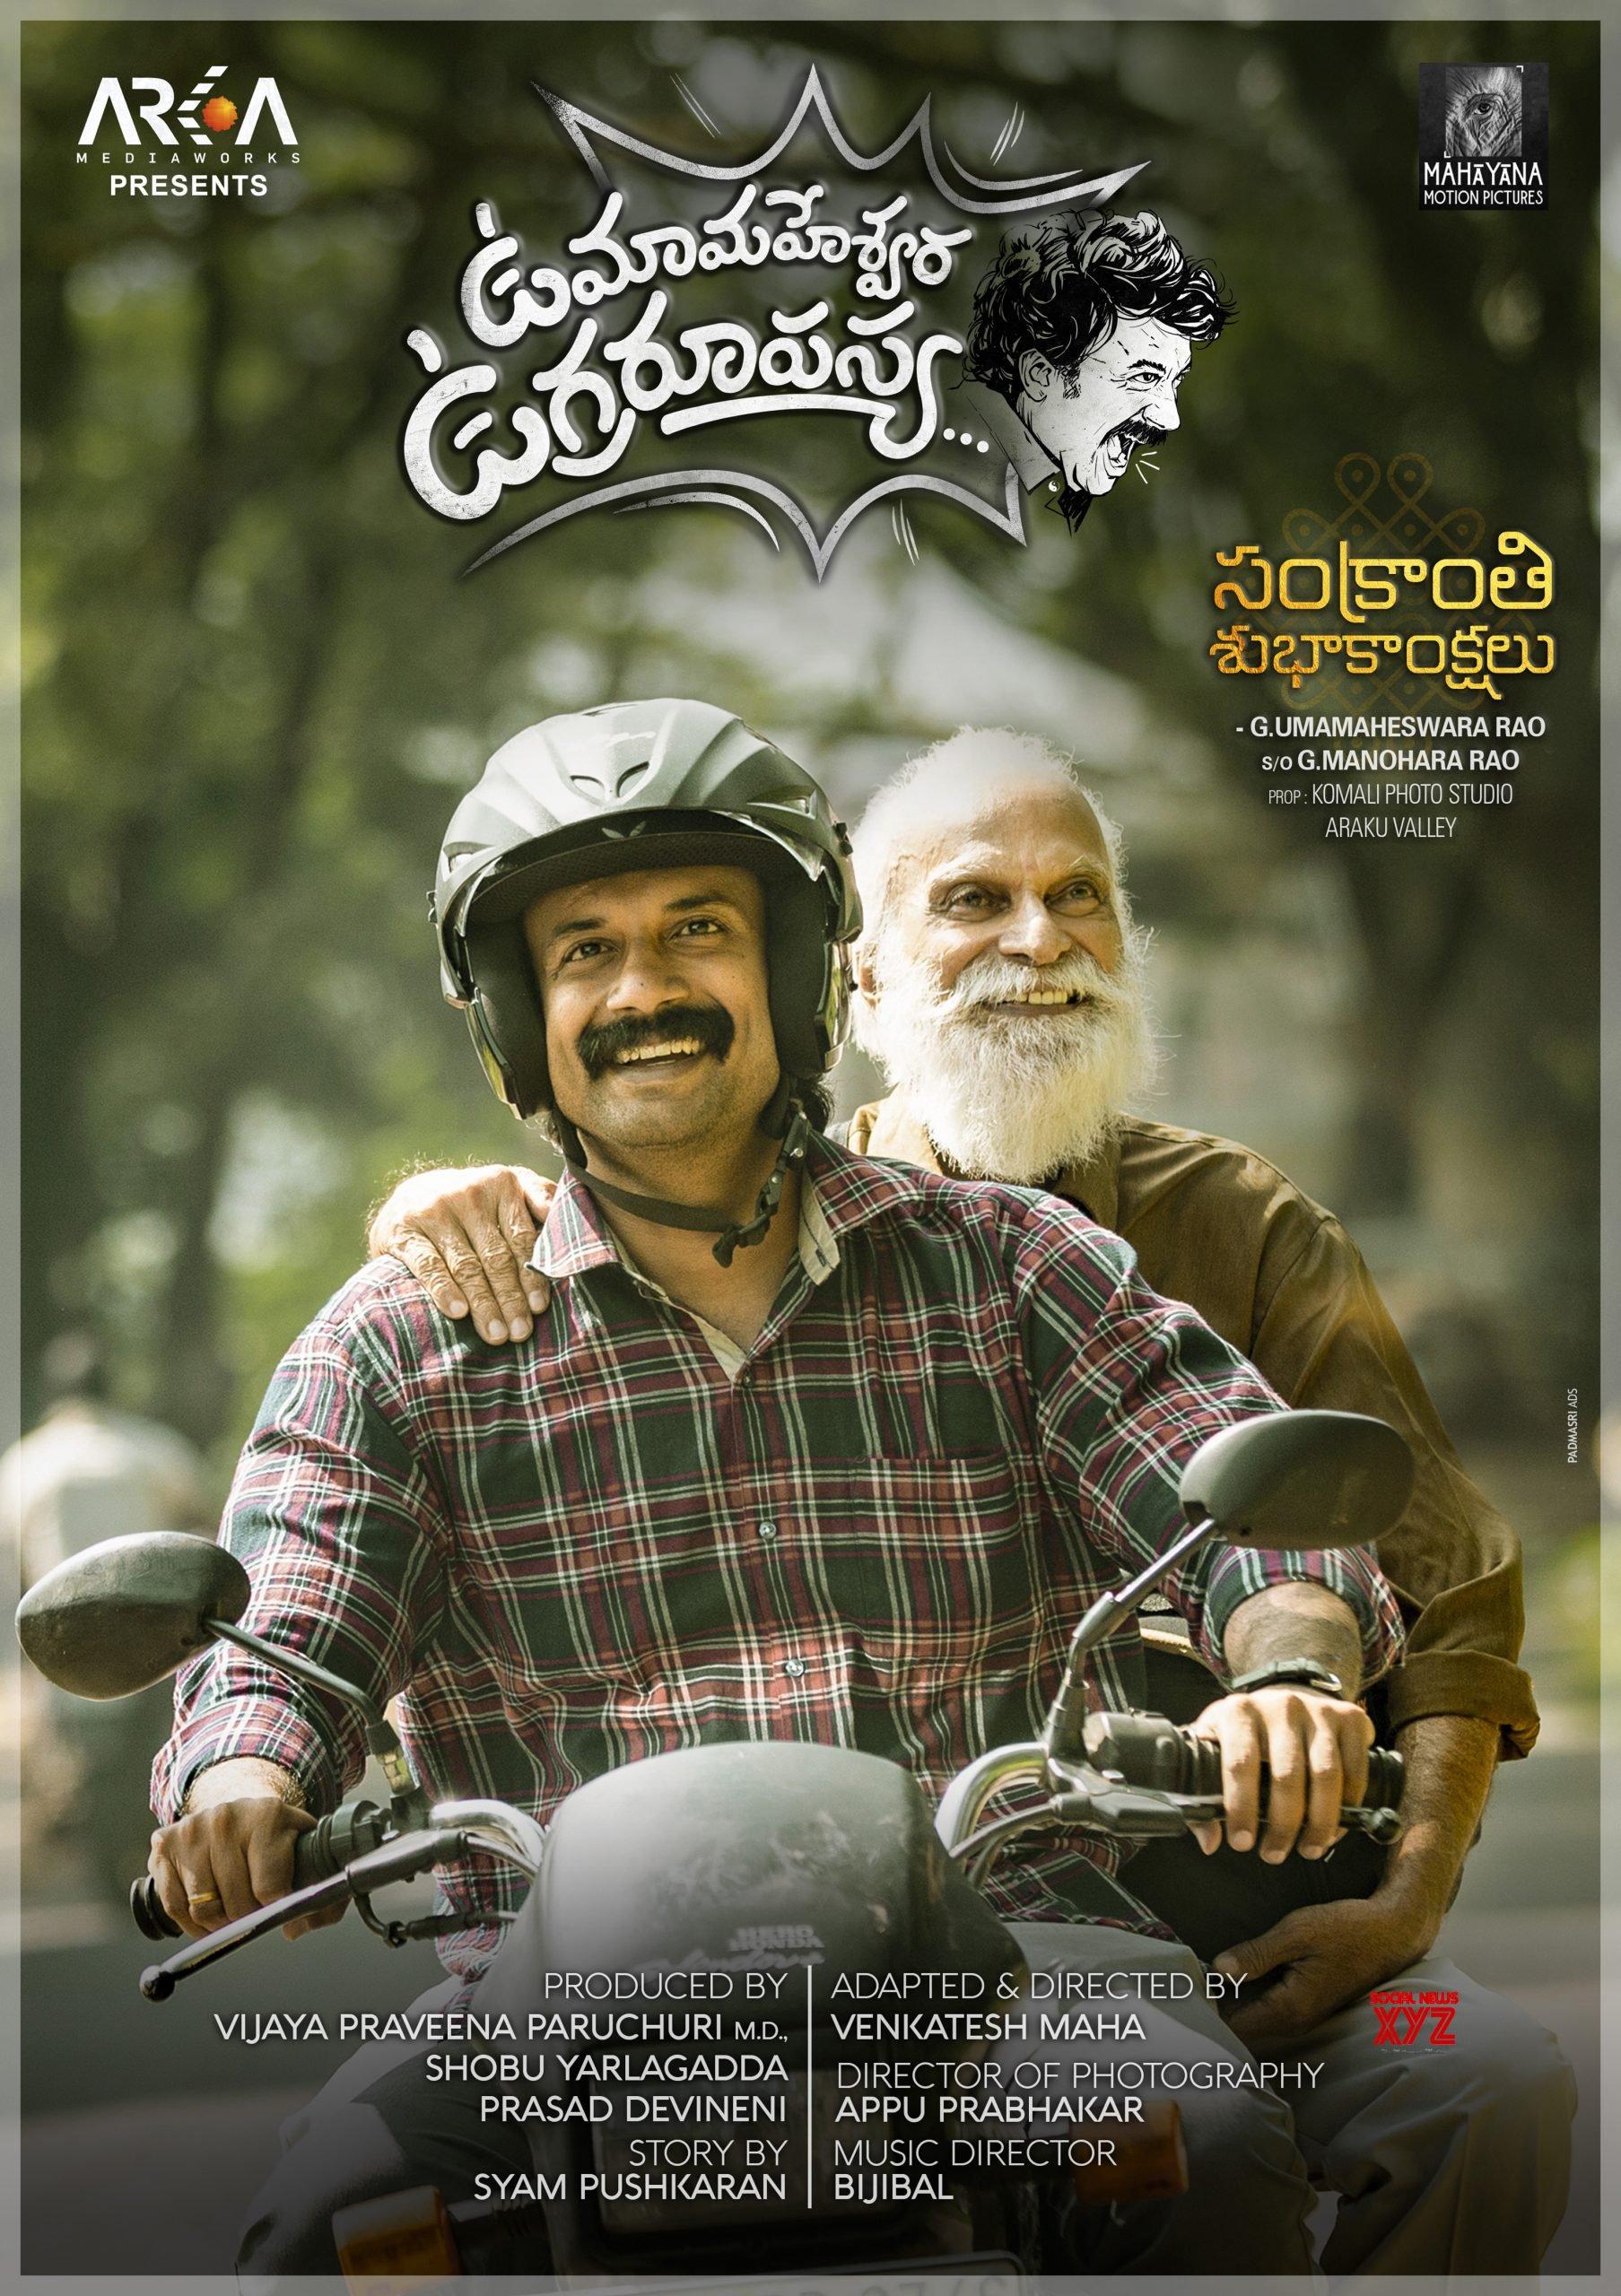 UmaMaheshwara UgraRoopasya Movie Sankranthi Wishes HD Poster And Still